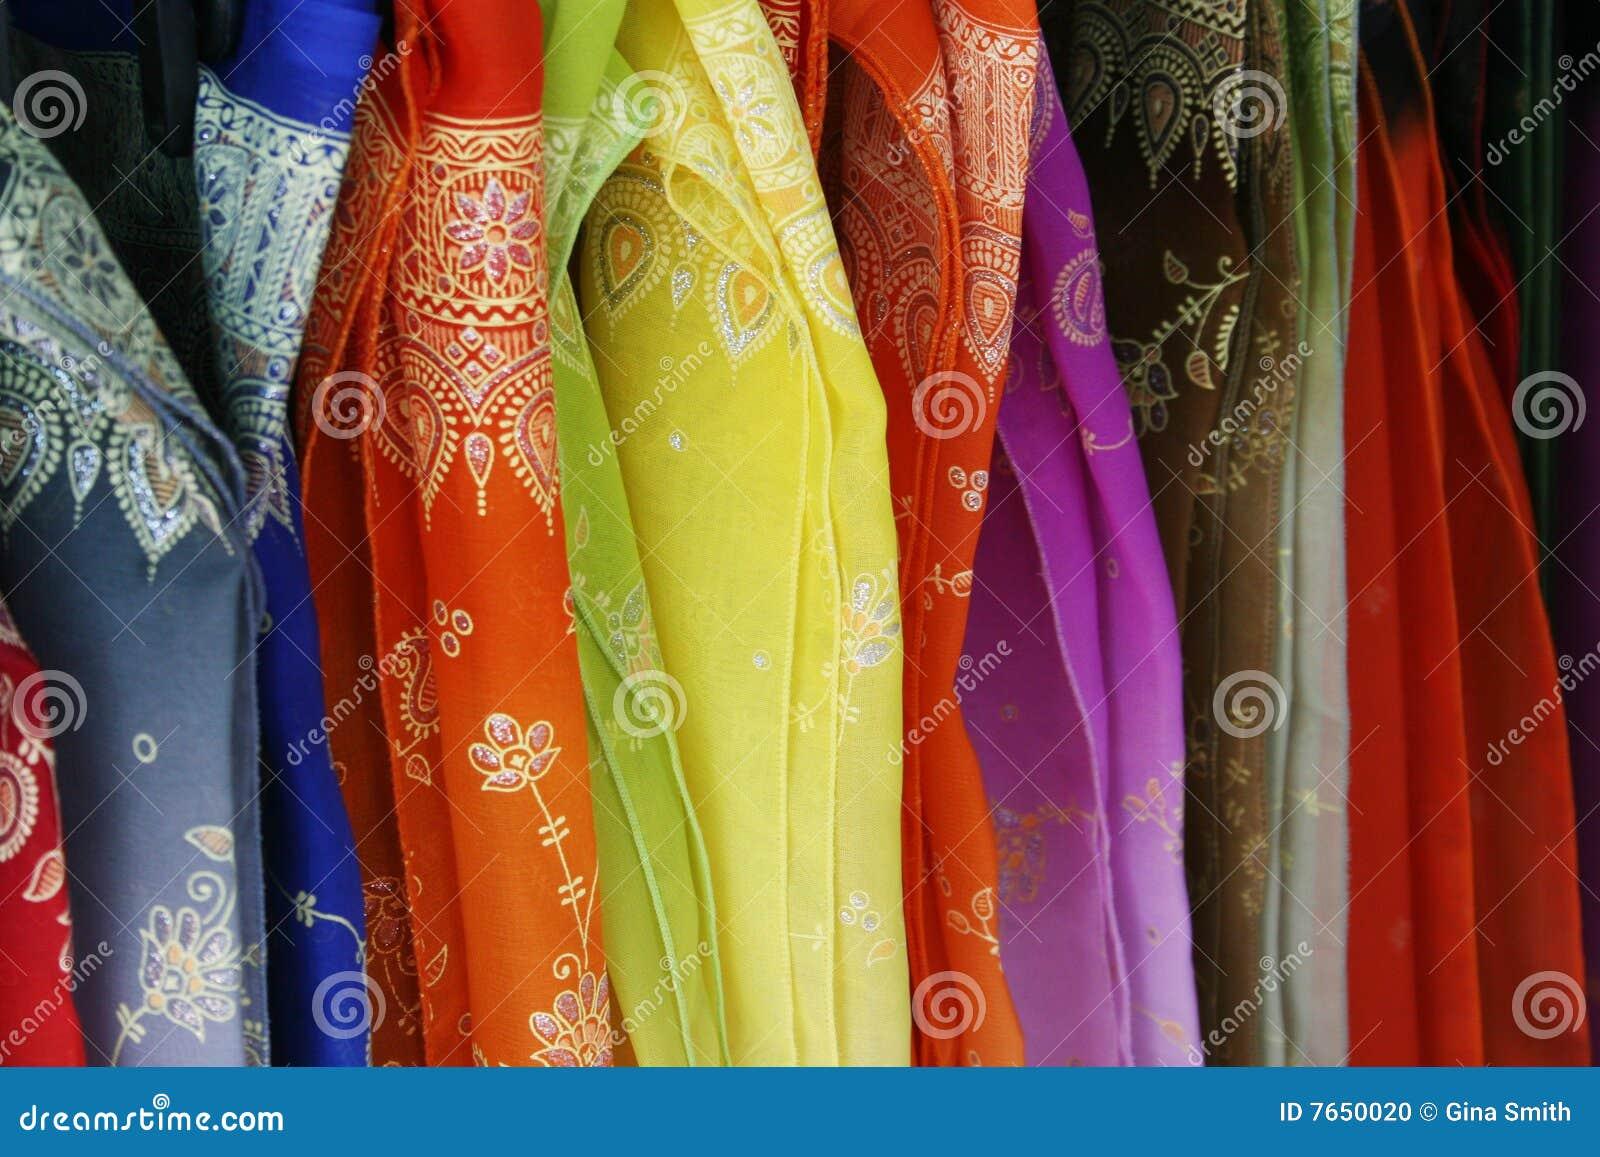 Telas de seda foto de archivo imagen de estante lujo for Telas para manteles precios